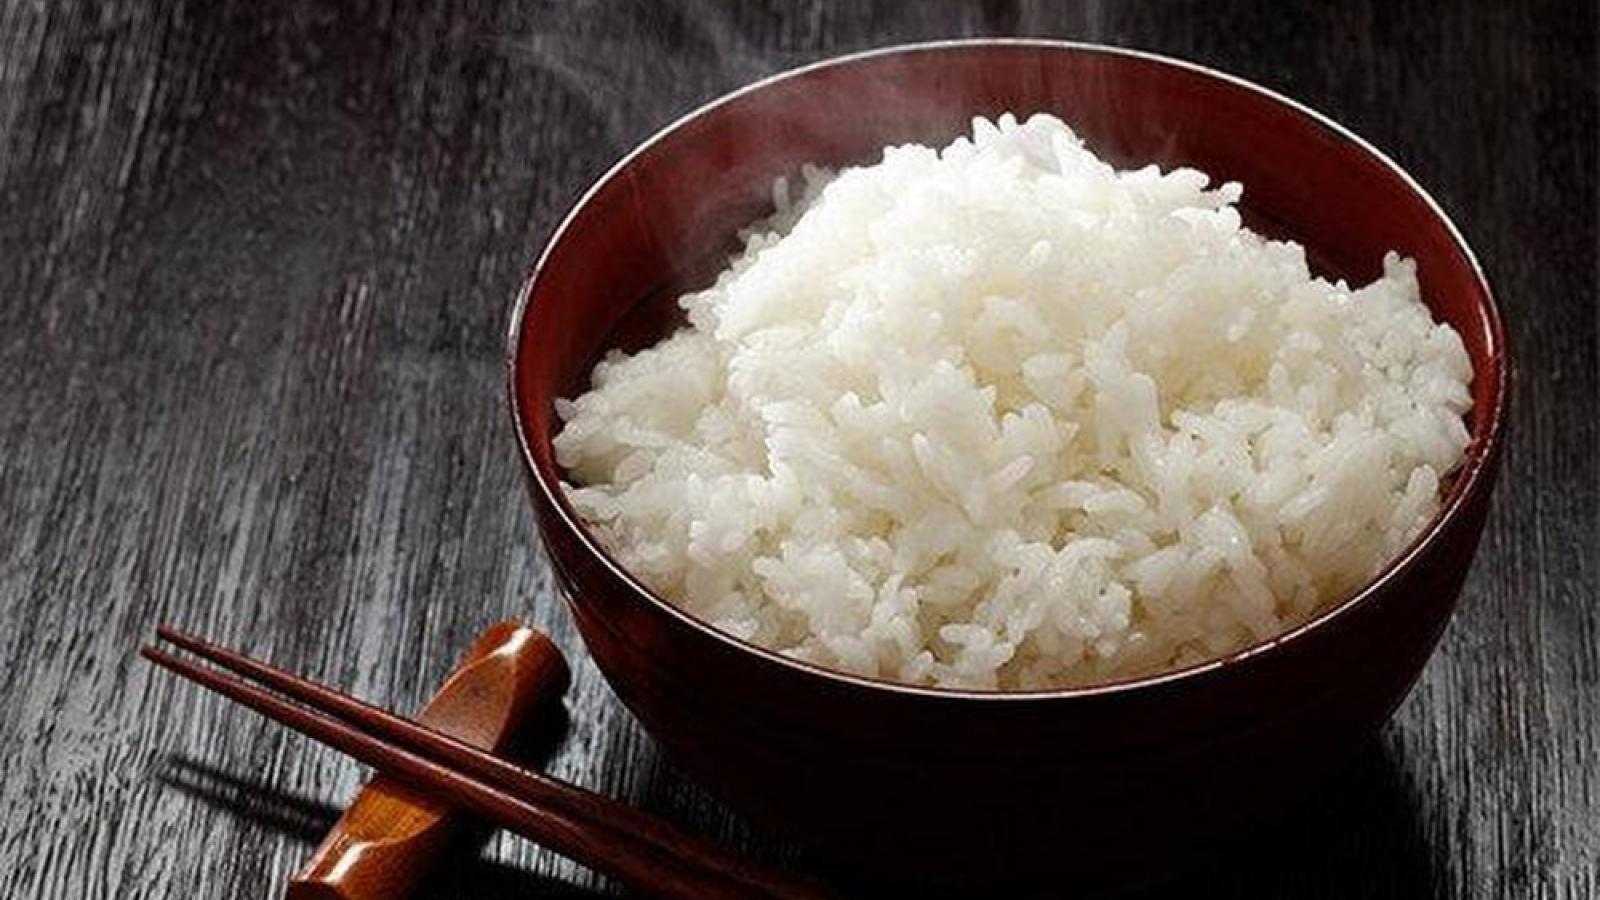 Muốn cơm vừa dẻo vừa thơm bỏ ngay thứ này vào gạo